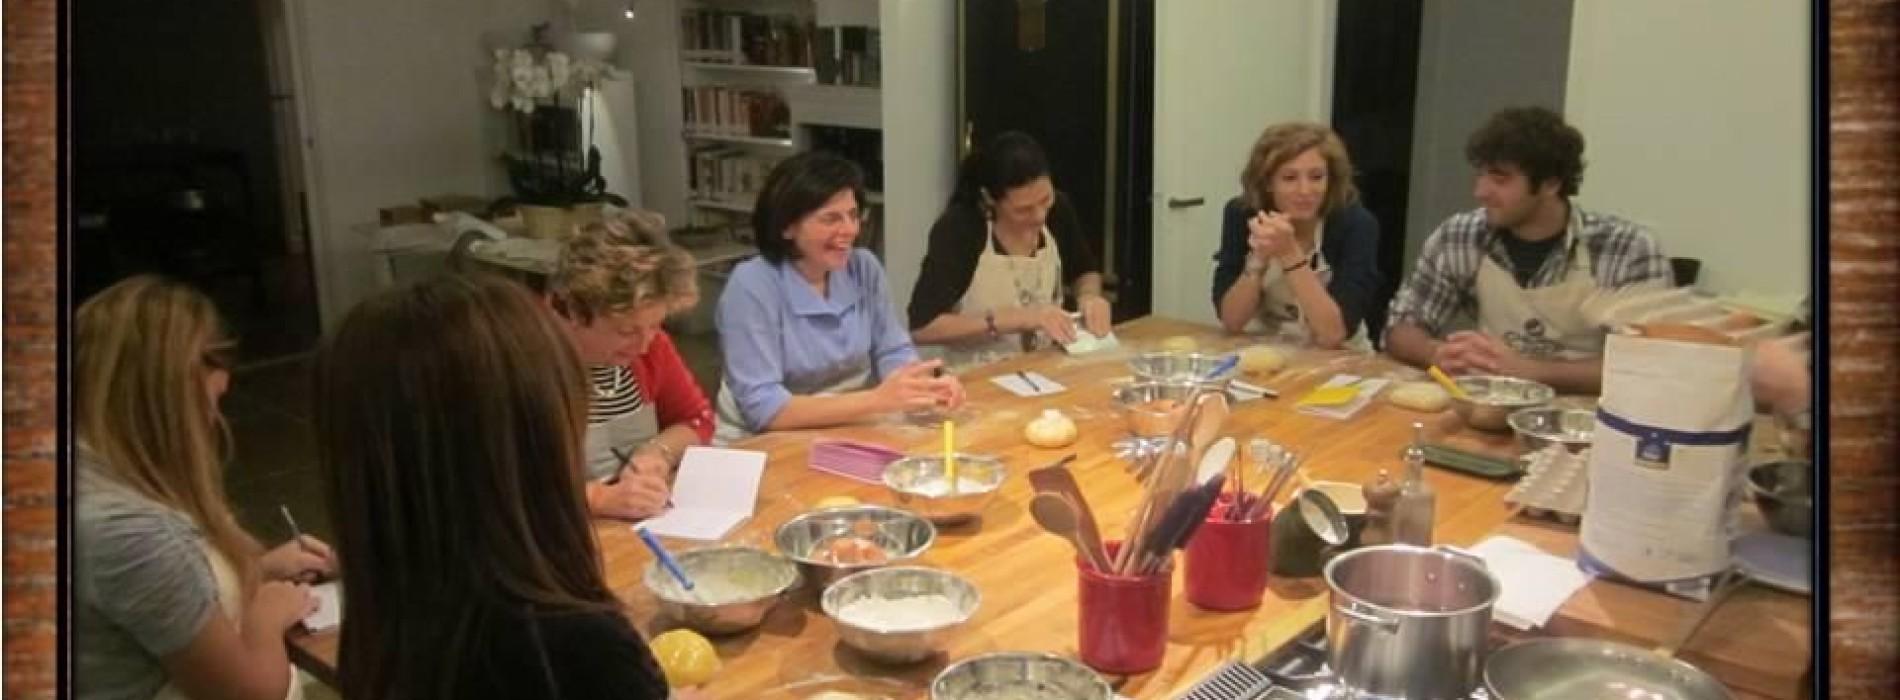 Roma scuole professionali di cucina for Scuole di cucina in italia